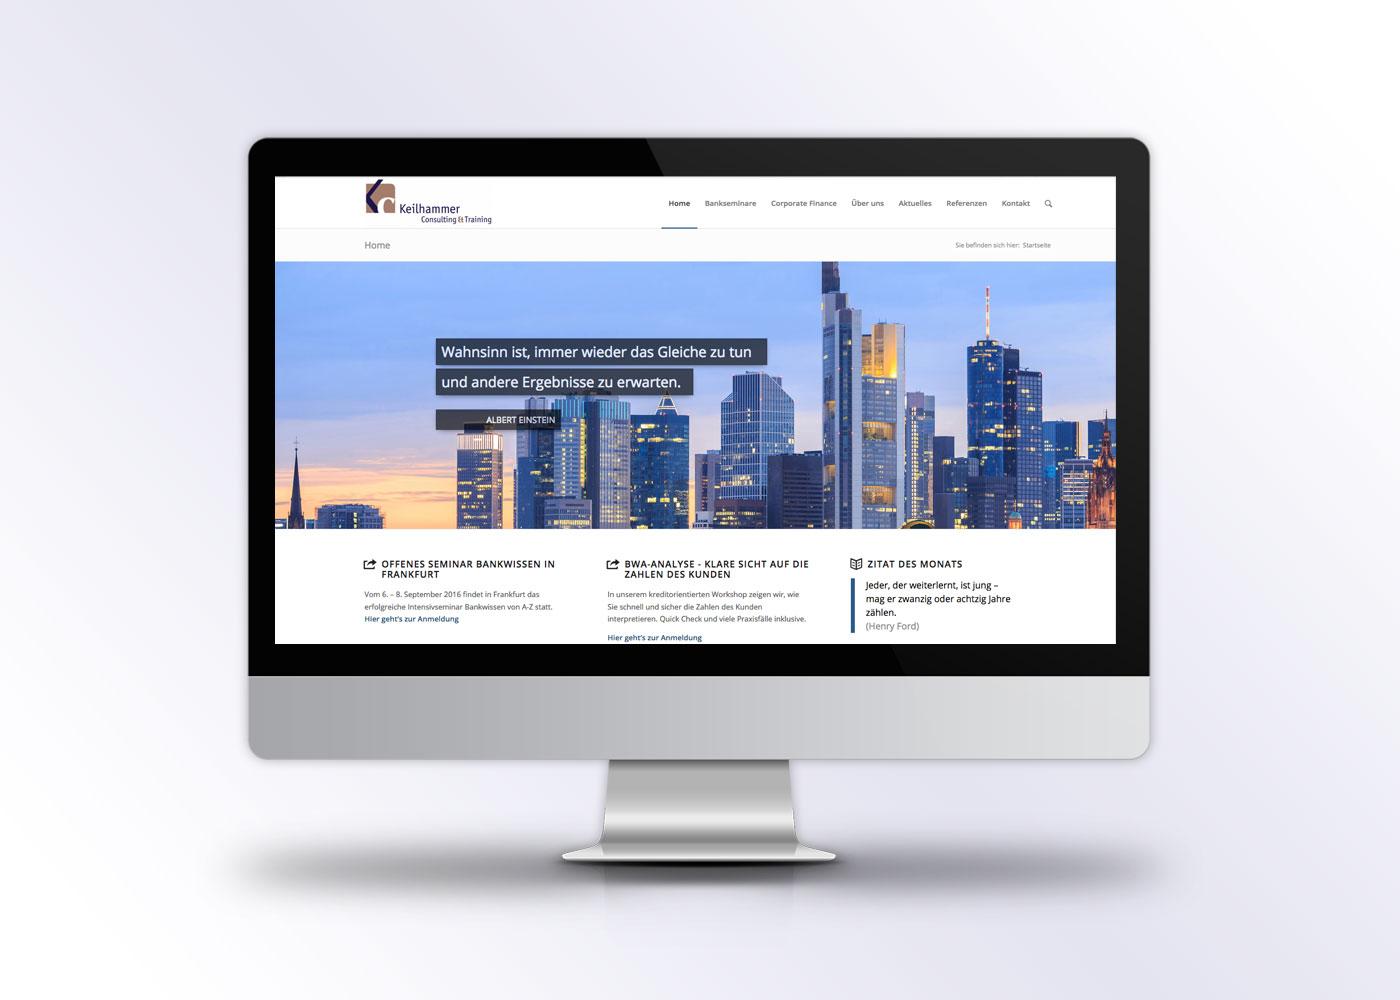 Webdesign in Wordpress für Banktraining Seite von Keilhammer Consulting